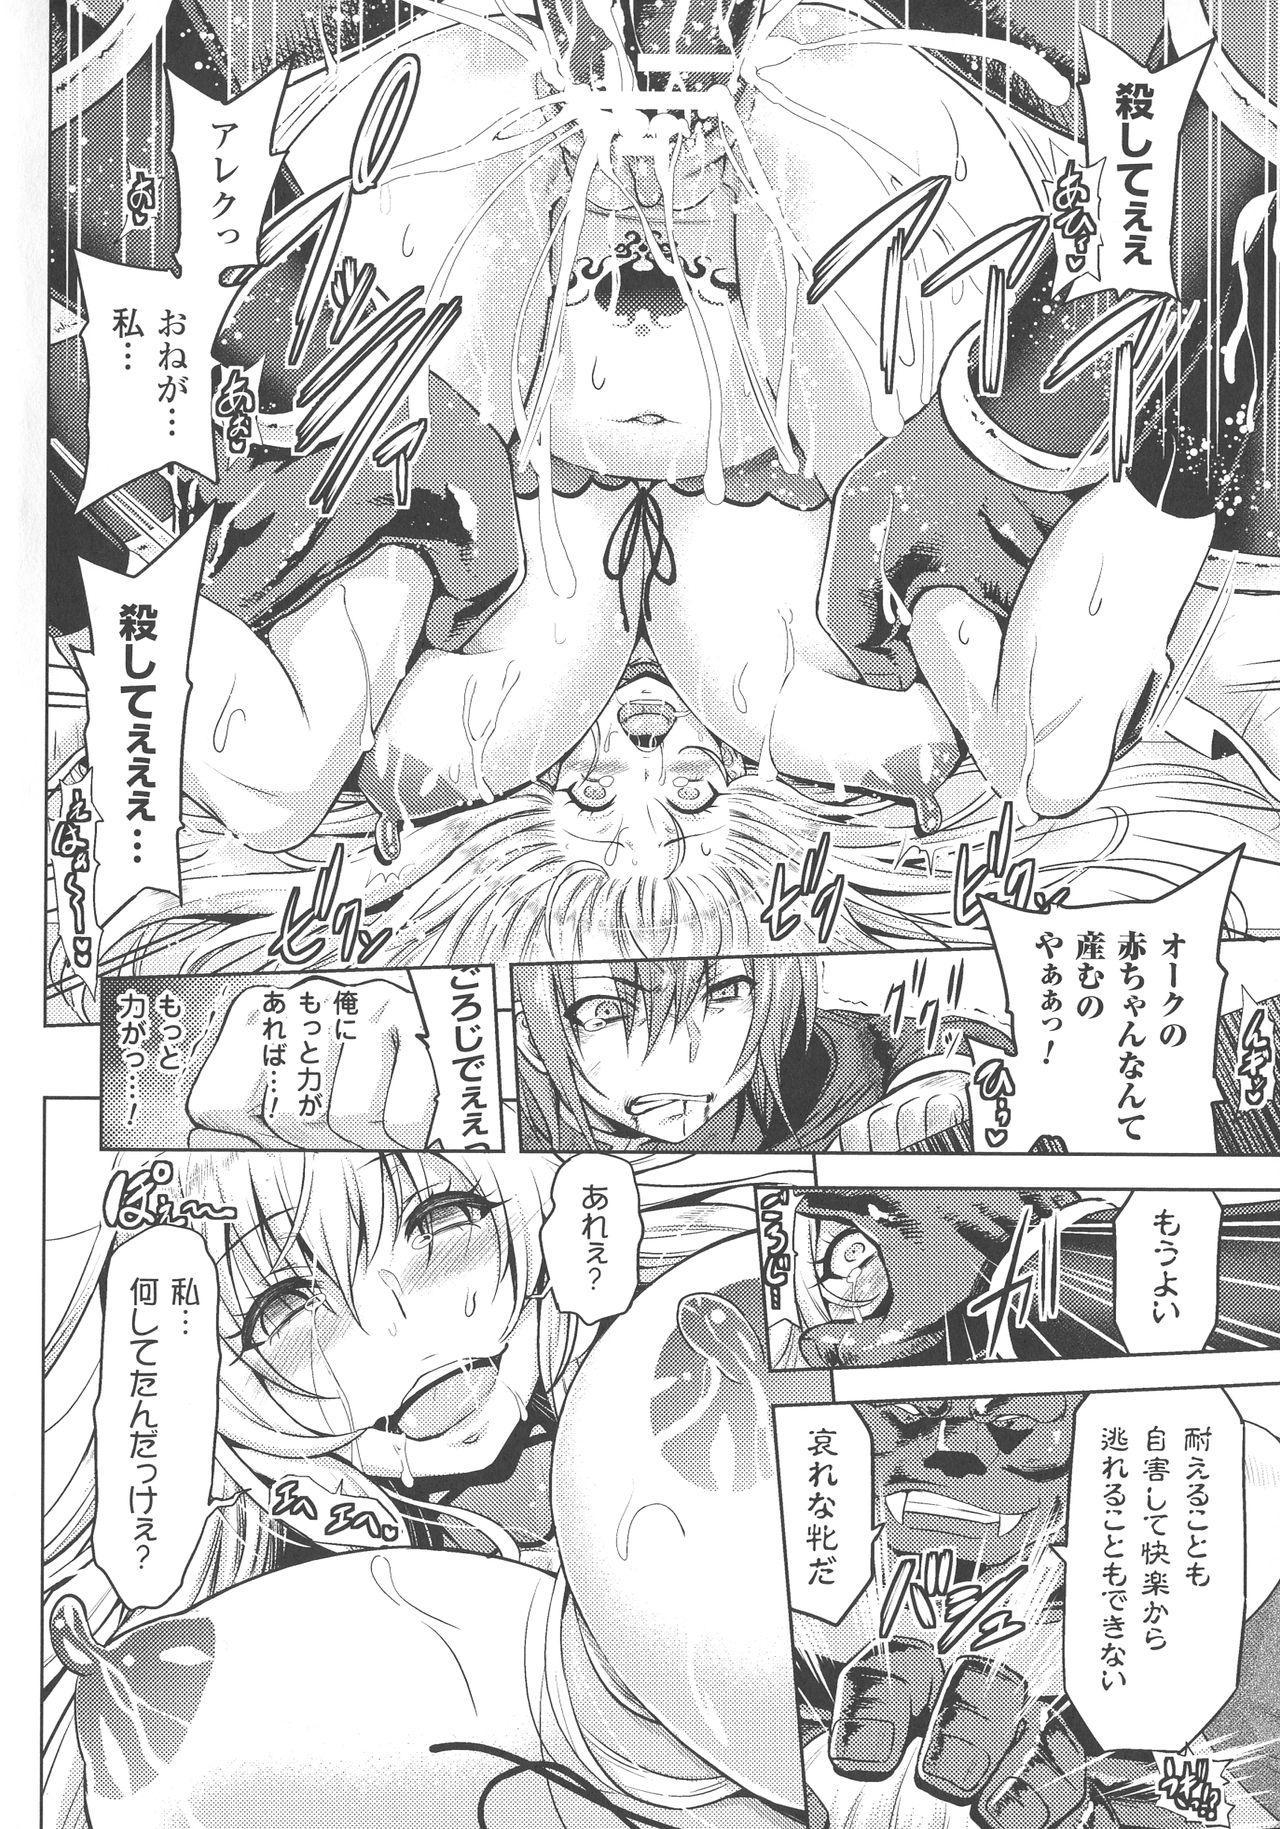 ERONA Orc no Inmon ni Okasareta Onna Kishi no Matsuro 121